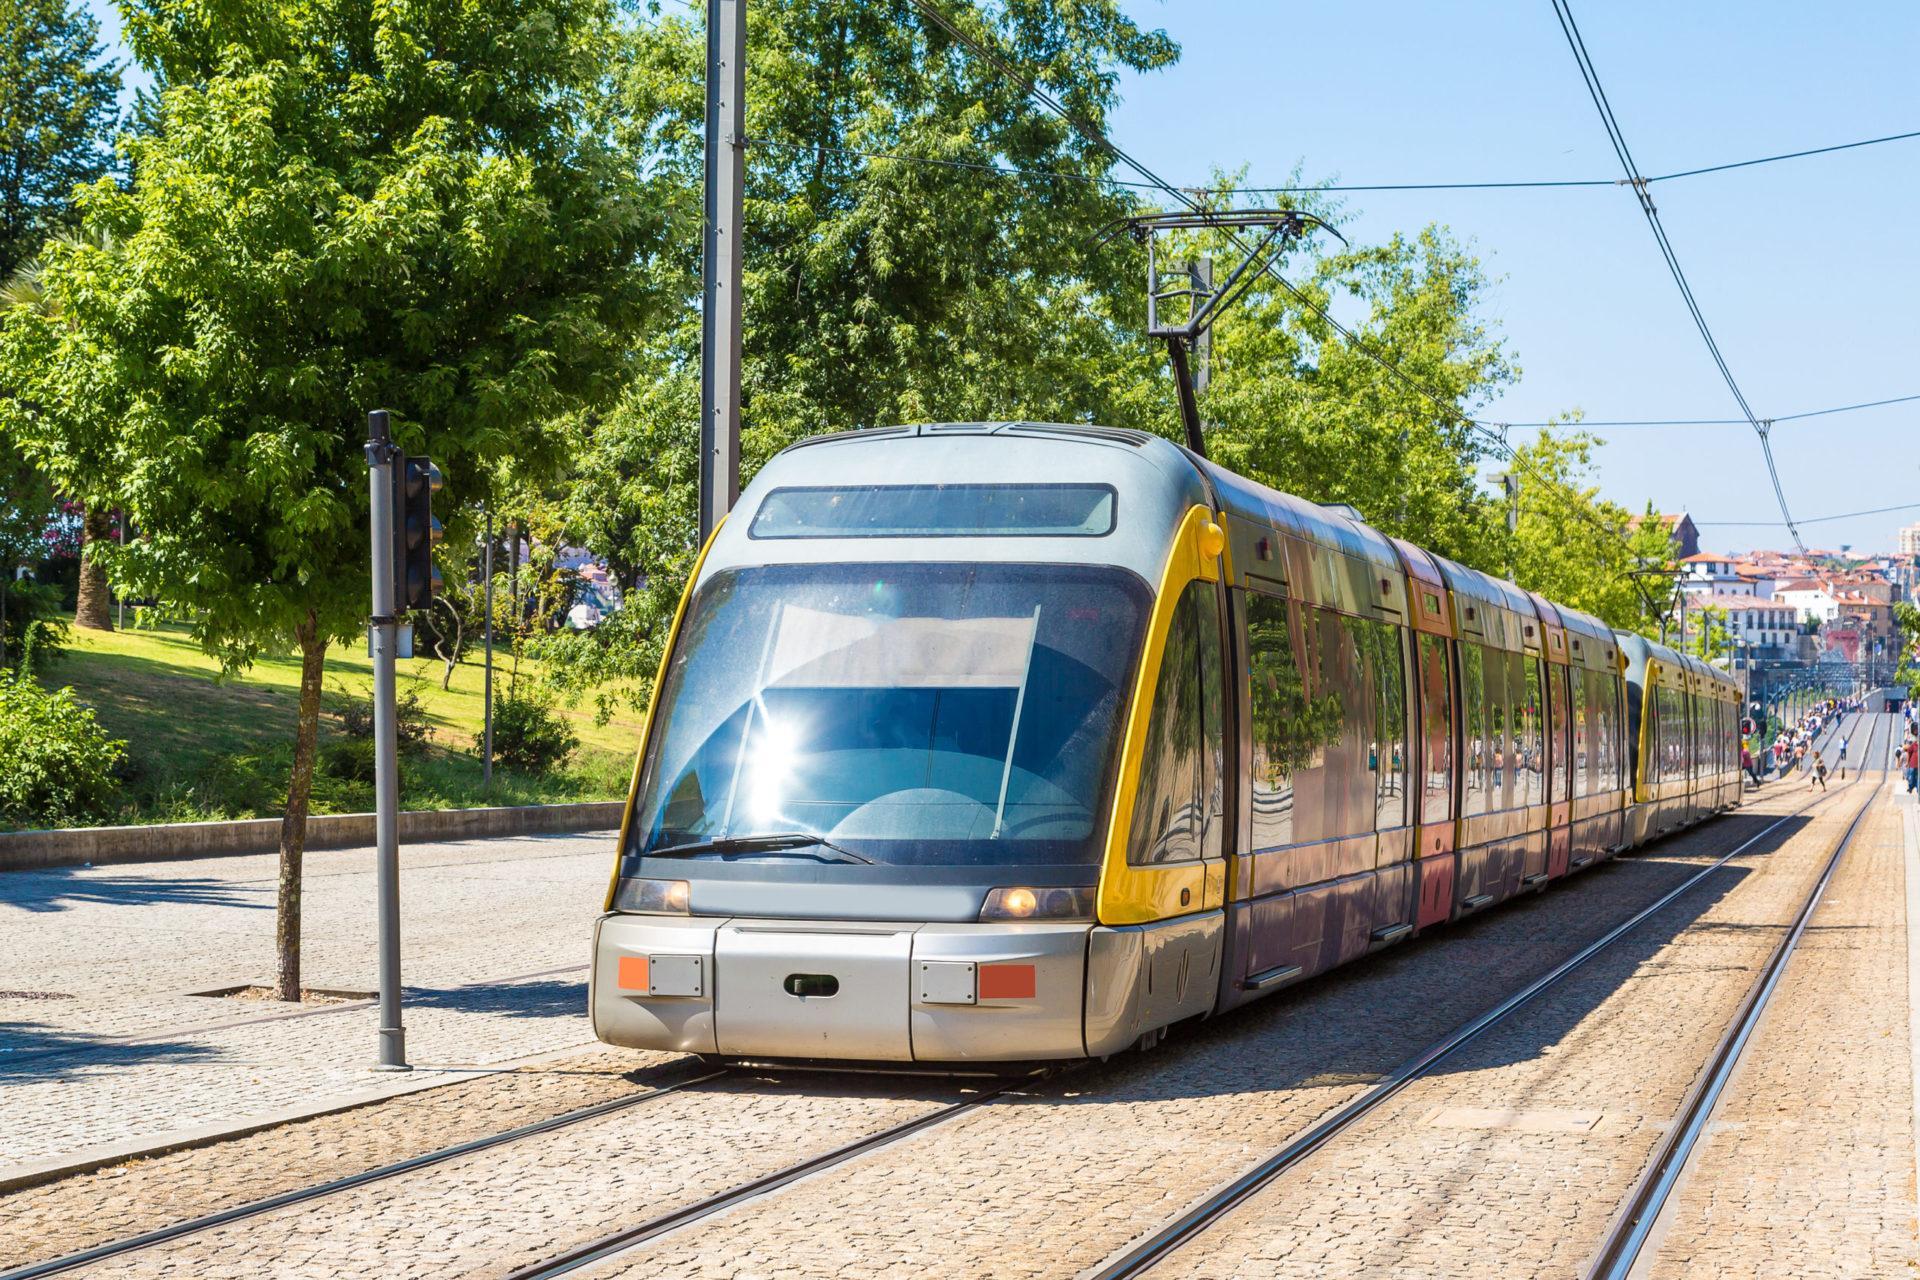 תחבורה בפורטוגל: להתנייד בפורטוגל כמו מקומי